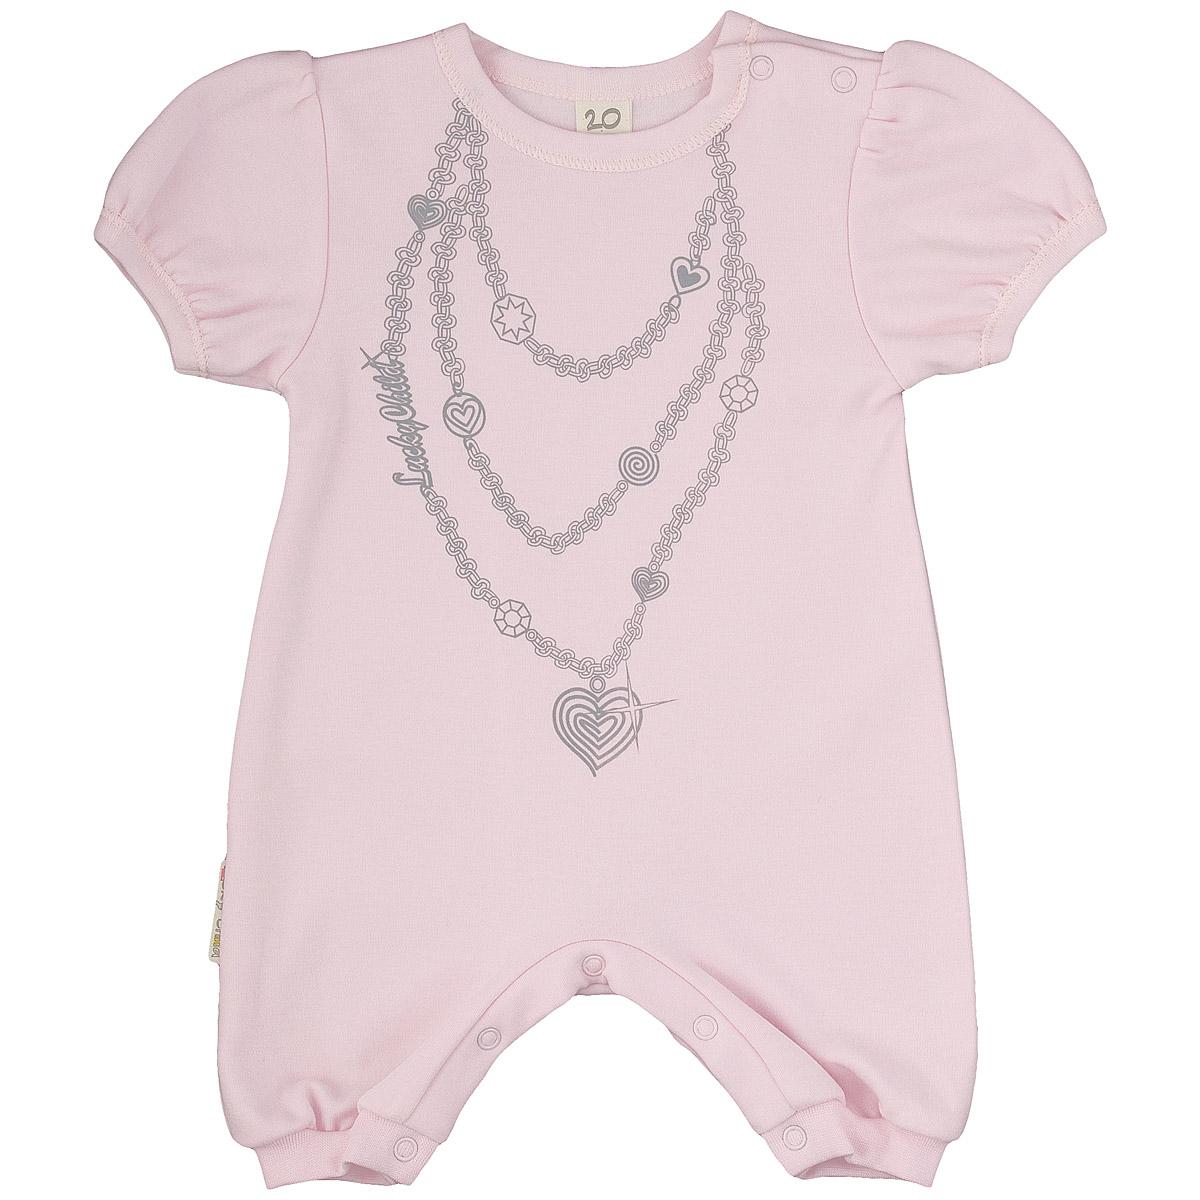 Песочник для девочки Lucky Child, цвет: розовый. 2-28. Размер 80/862-28Песочник для новорожденной девочки Lucky Child с короткими рукавами-фонариками послужит идеальным дополнением к гардеробу вашей малышки, обеспечивая ей наибольший комфорт. Изготовленный из интерлока - натурального хлопка, он необычайно мягкий и легкий, не раздражает нежную кожу ребенка и хорошо вентилируется, а эластичные швы приятны телу малышки и не препятствуют ее движениям. Удобные застежки-кнопки по плечу и на ластовице помогают легко переодеть младенца или сменить подгузник. Спереди модель оформлена оригинальным притом, имитирующим цепочки с украшениями. Песочник полностью соответствует особенностям жизни ребенка в ранний период, не стесняя и не ограничивая его в движениях. В нем ваша малышка всегда будет в центре внимания.